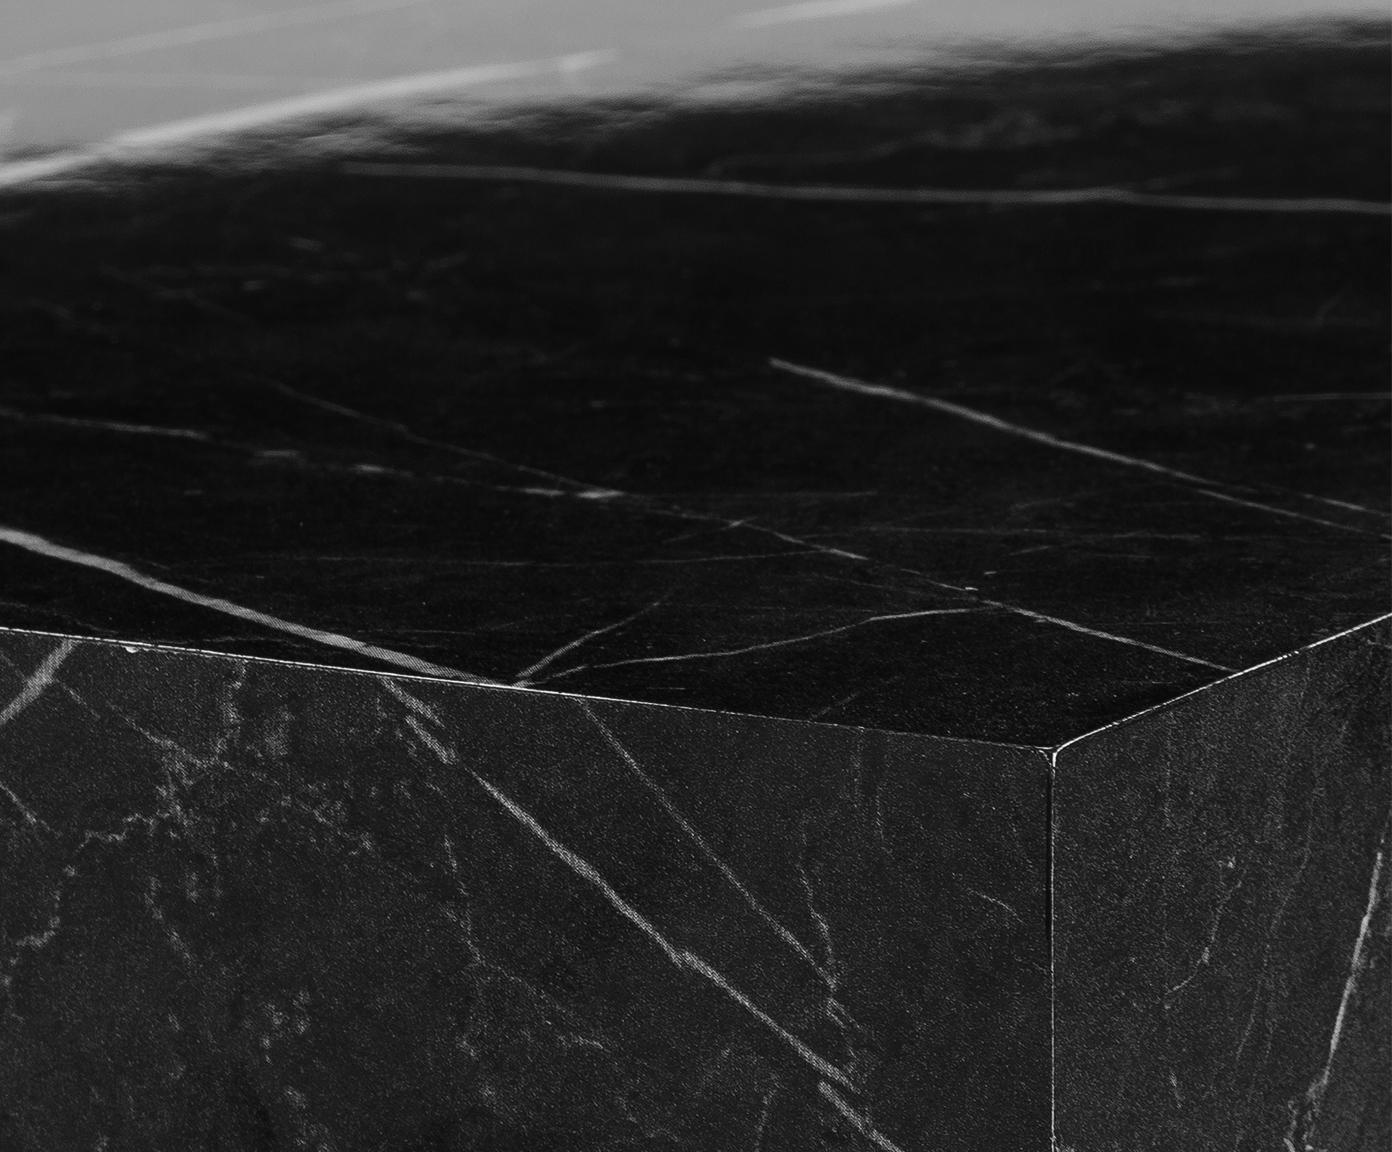 Couchtisch Lesley in Marmoroptik, Mitteldichte Holzfaserplatte (MDF), mit Melaminfolie überzogen, Schwarz, marmoriert, B 90 x T 50 cm